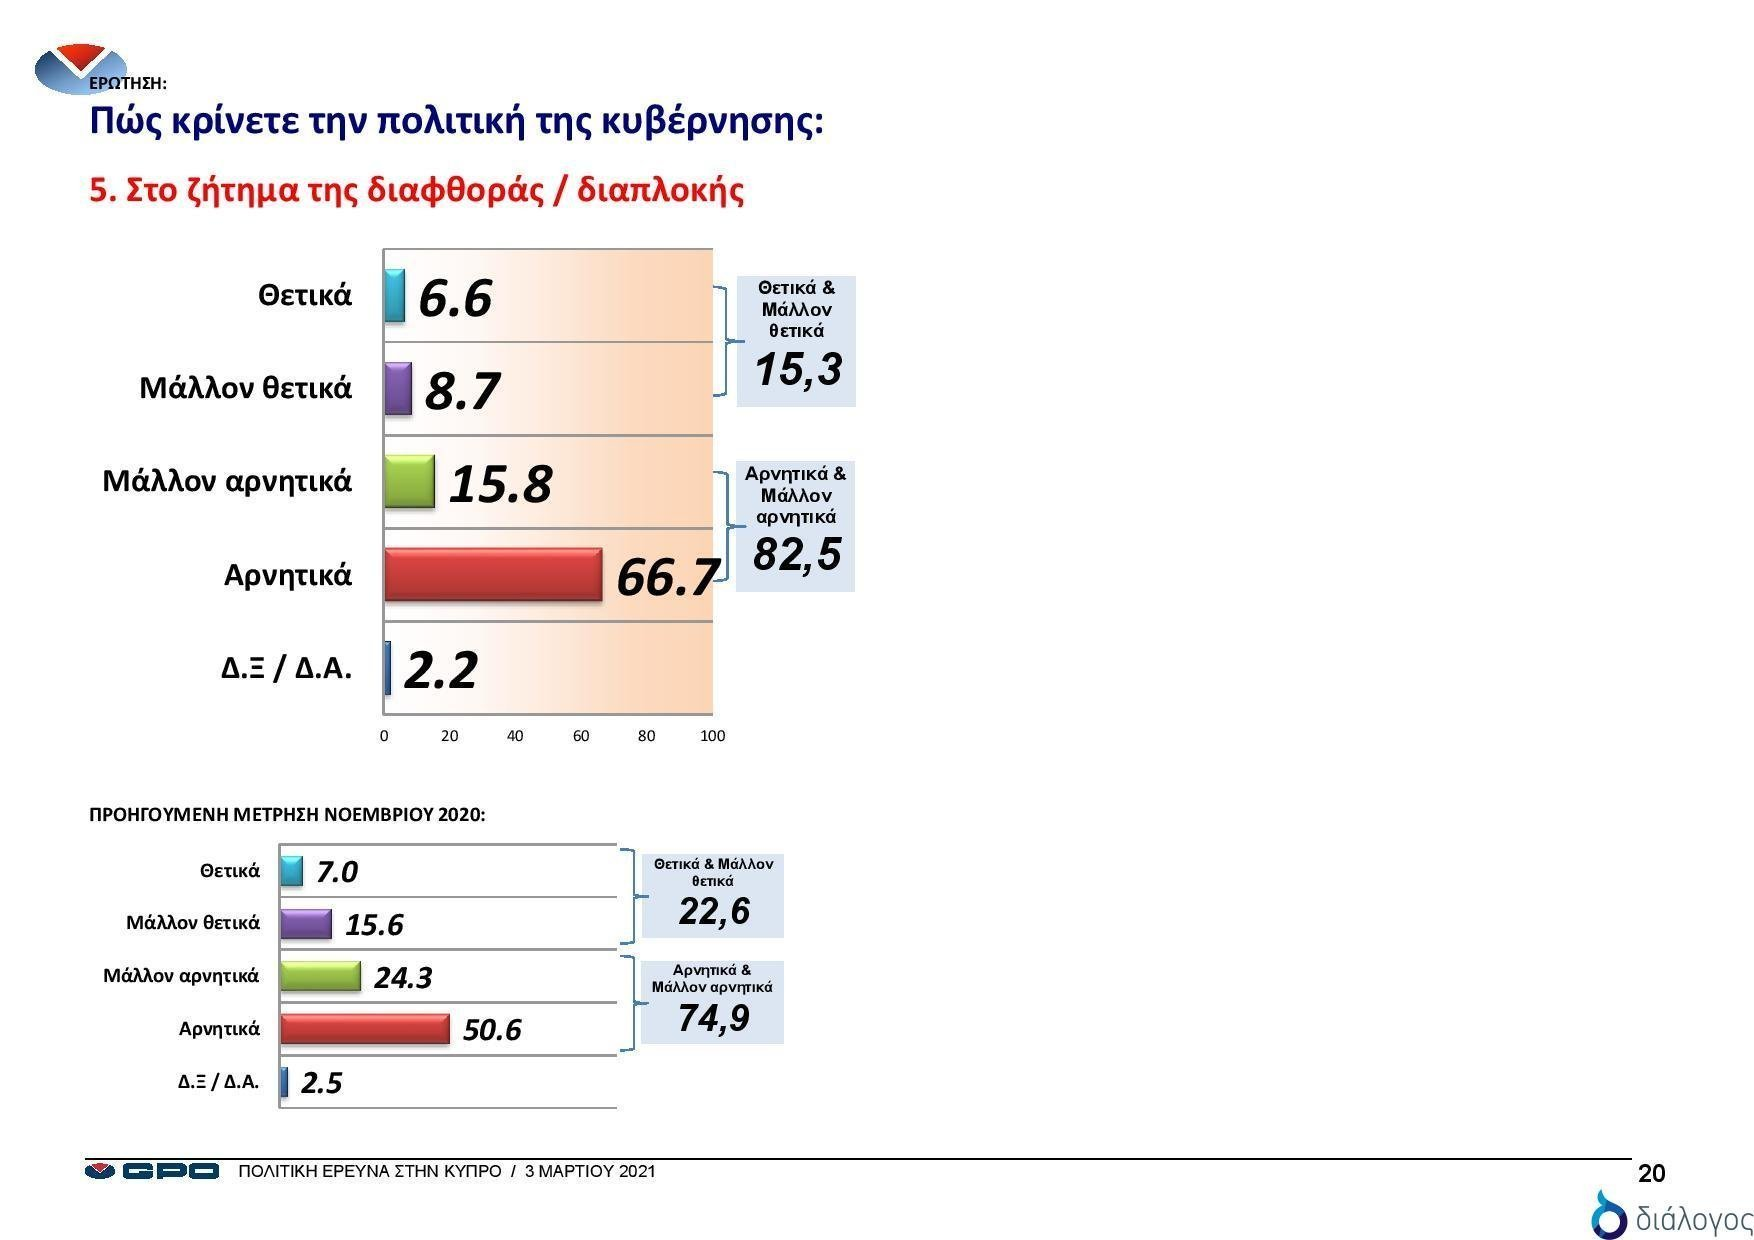 ΕΠΙΛΟΓΗ Έκθεση Κύπρου 2 ΜΑΡΤΙΟΥ 2021 page 003